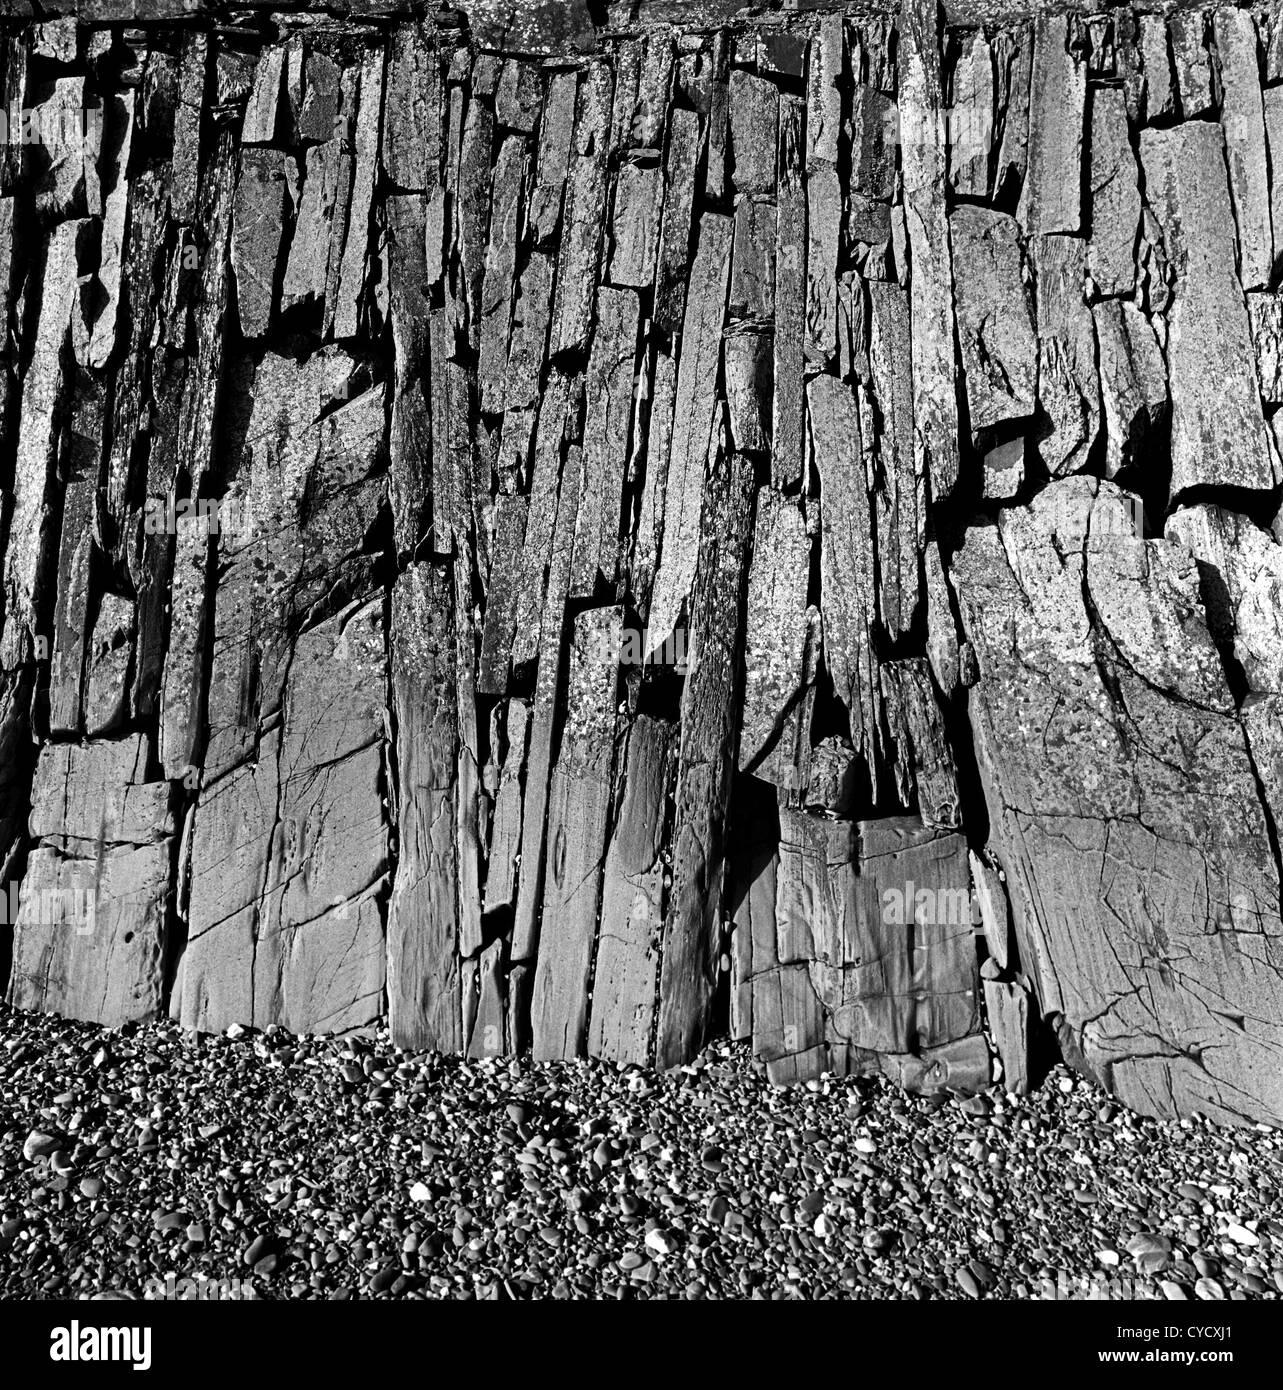 Muro de Piedra Mar tradicional, Co Down, Irlanda del Norte Imagen De Stock